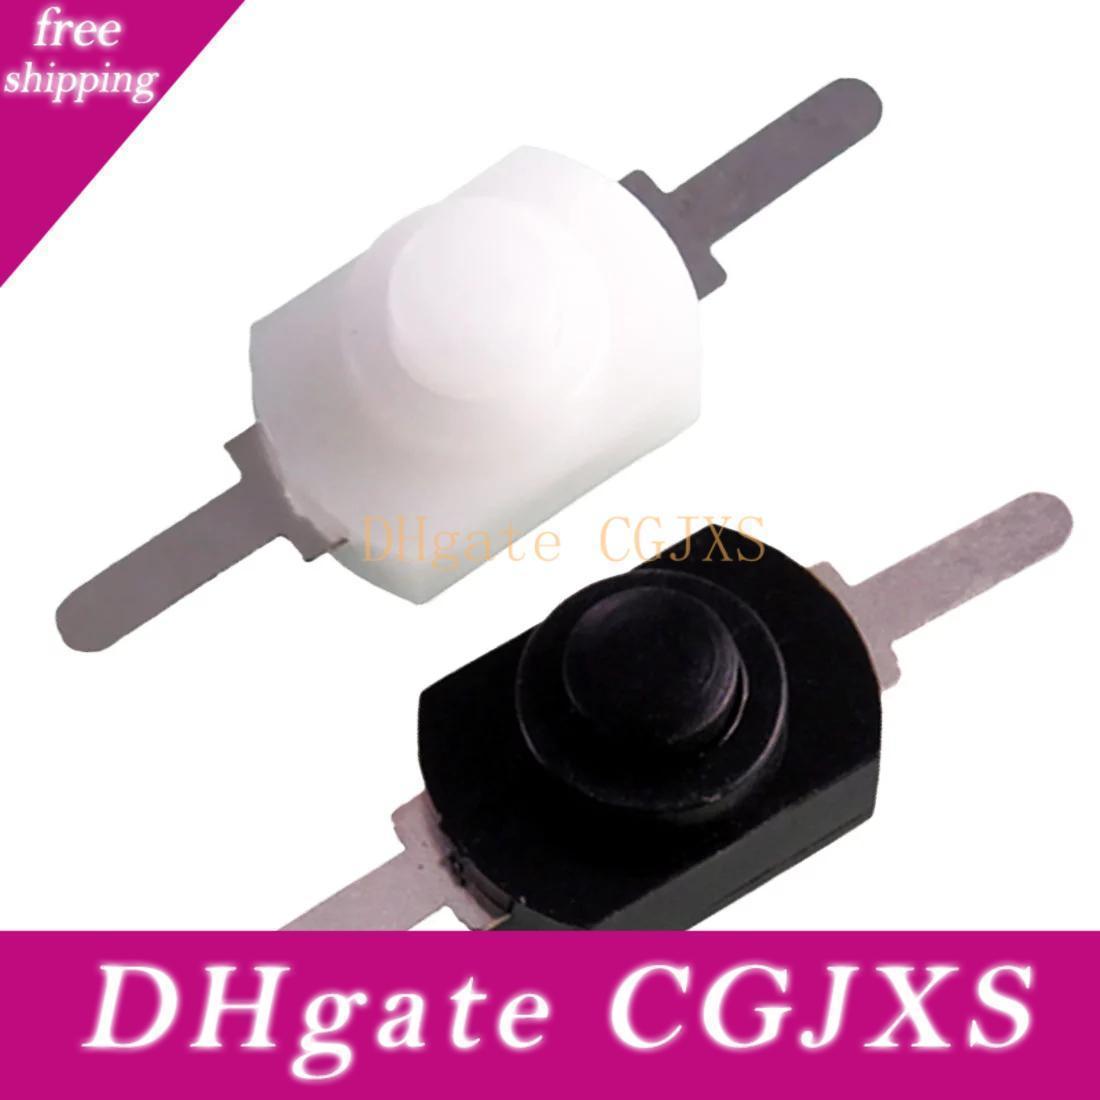 Vendita calda 1pc / 5pcs / 10pcs1a 30V CC 250V bianco / nero di bloccaggio On Off Mini Torcia Flashlight pulsante interruttore Jk0304